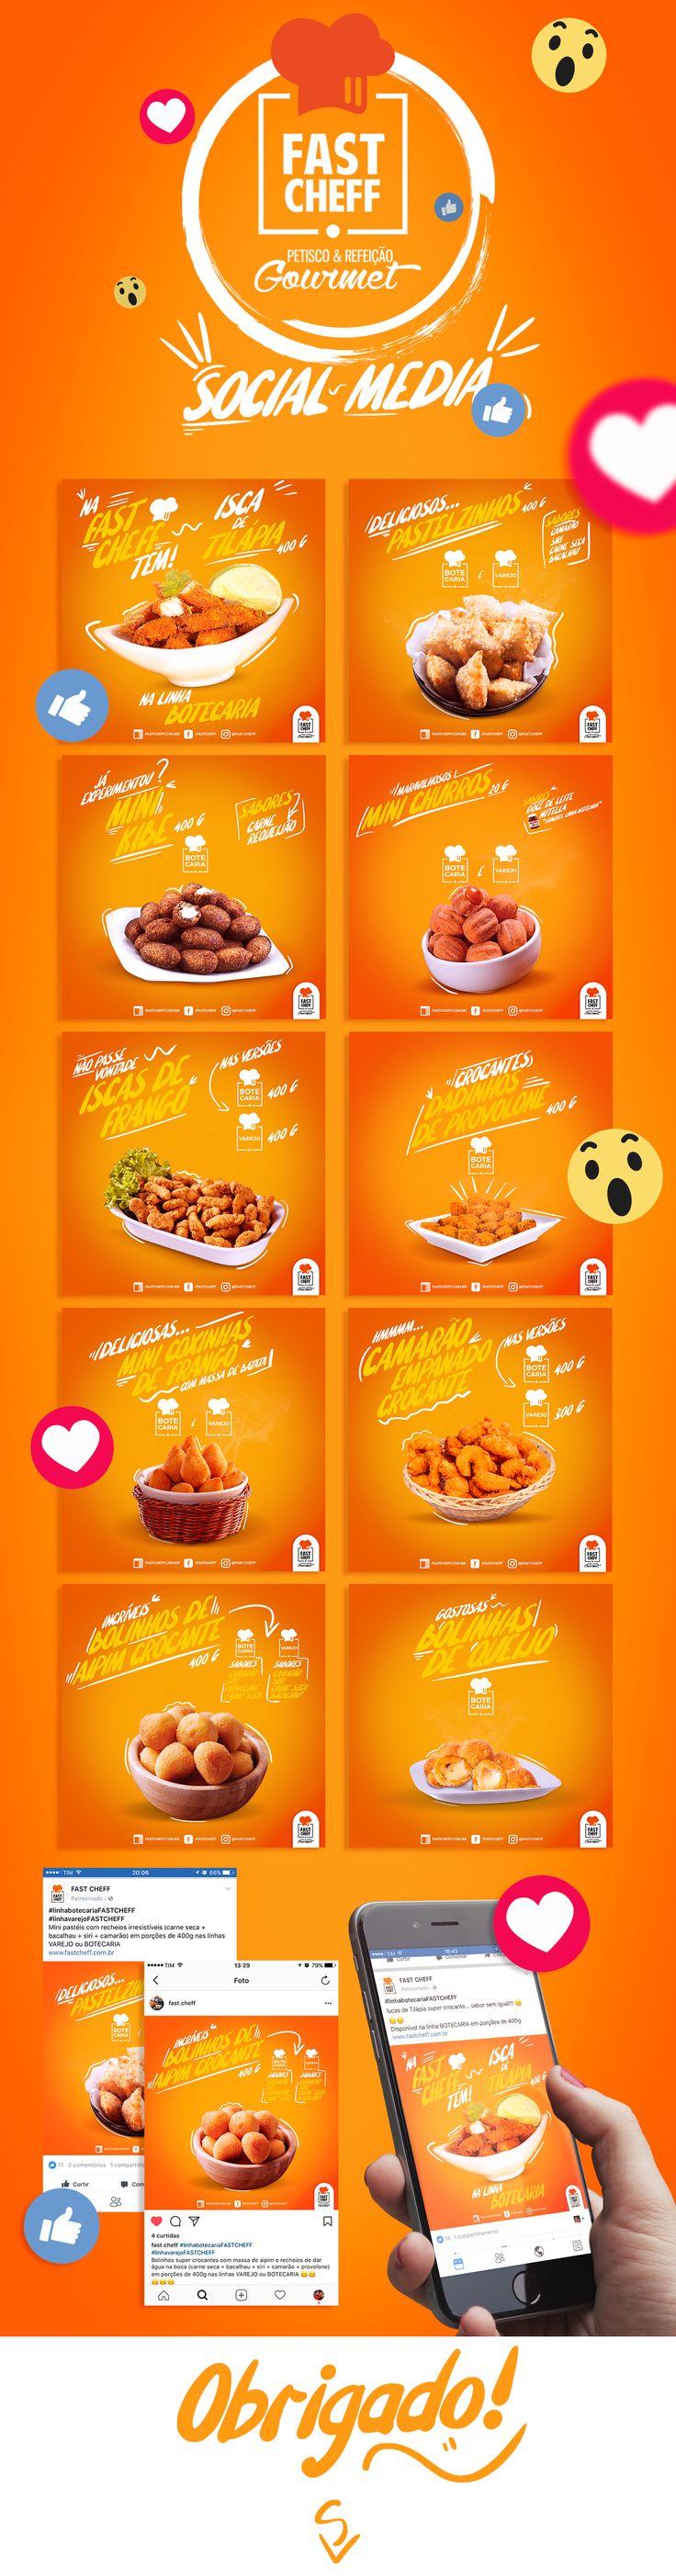 projeto de mídias sociais para a empresa de comidas Fast Cheff